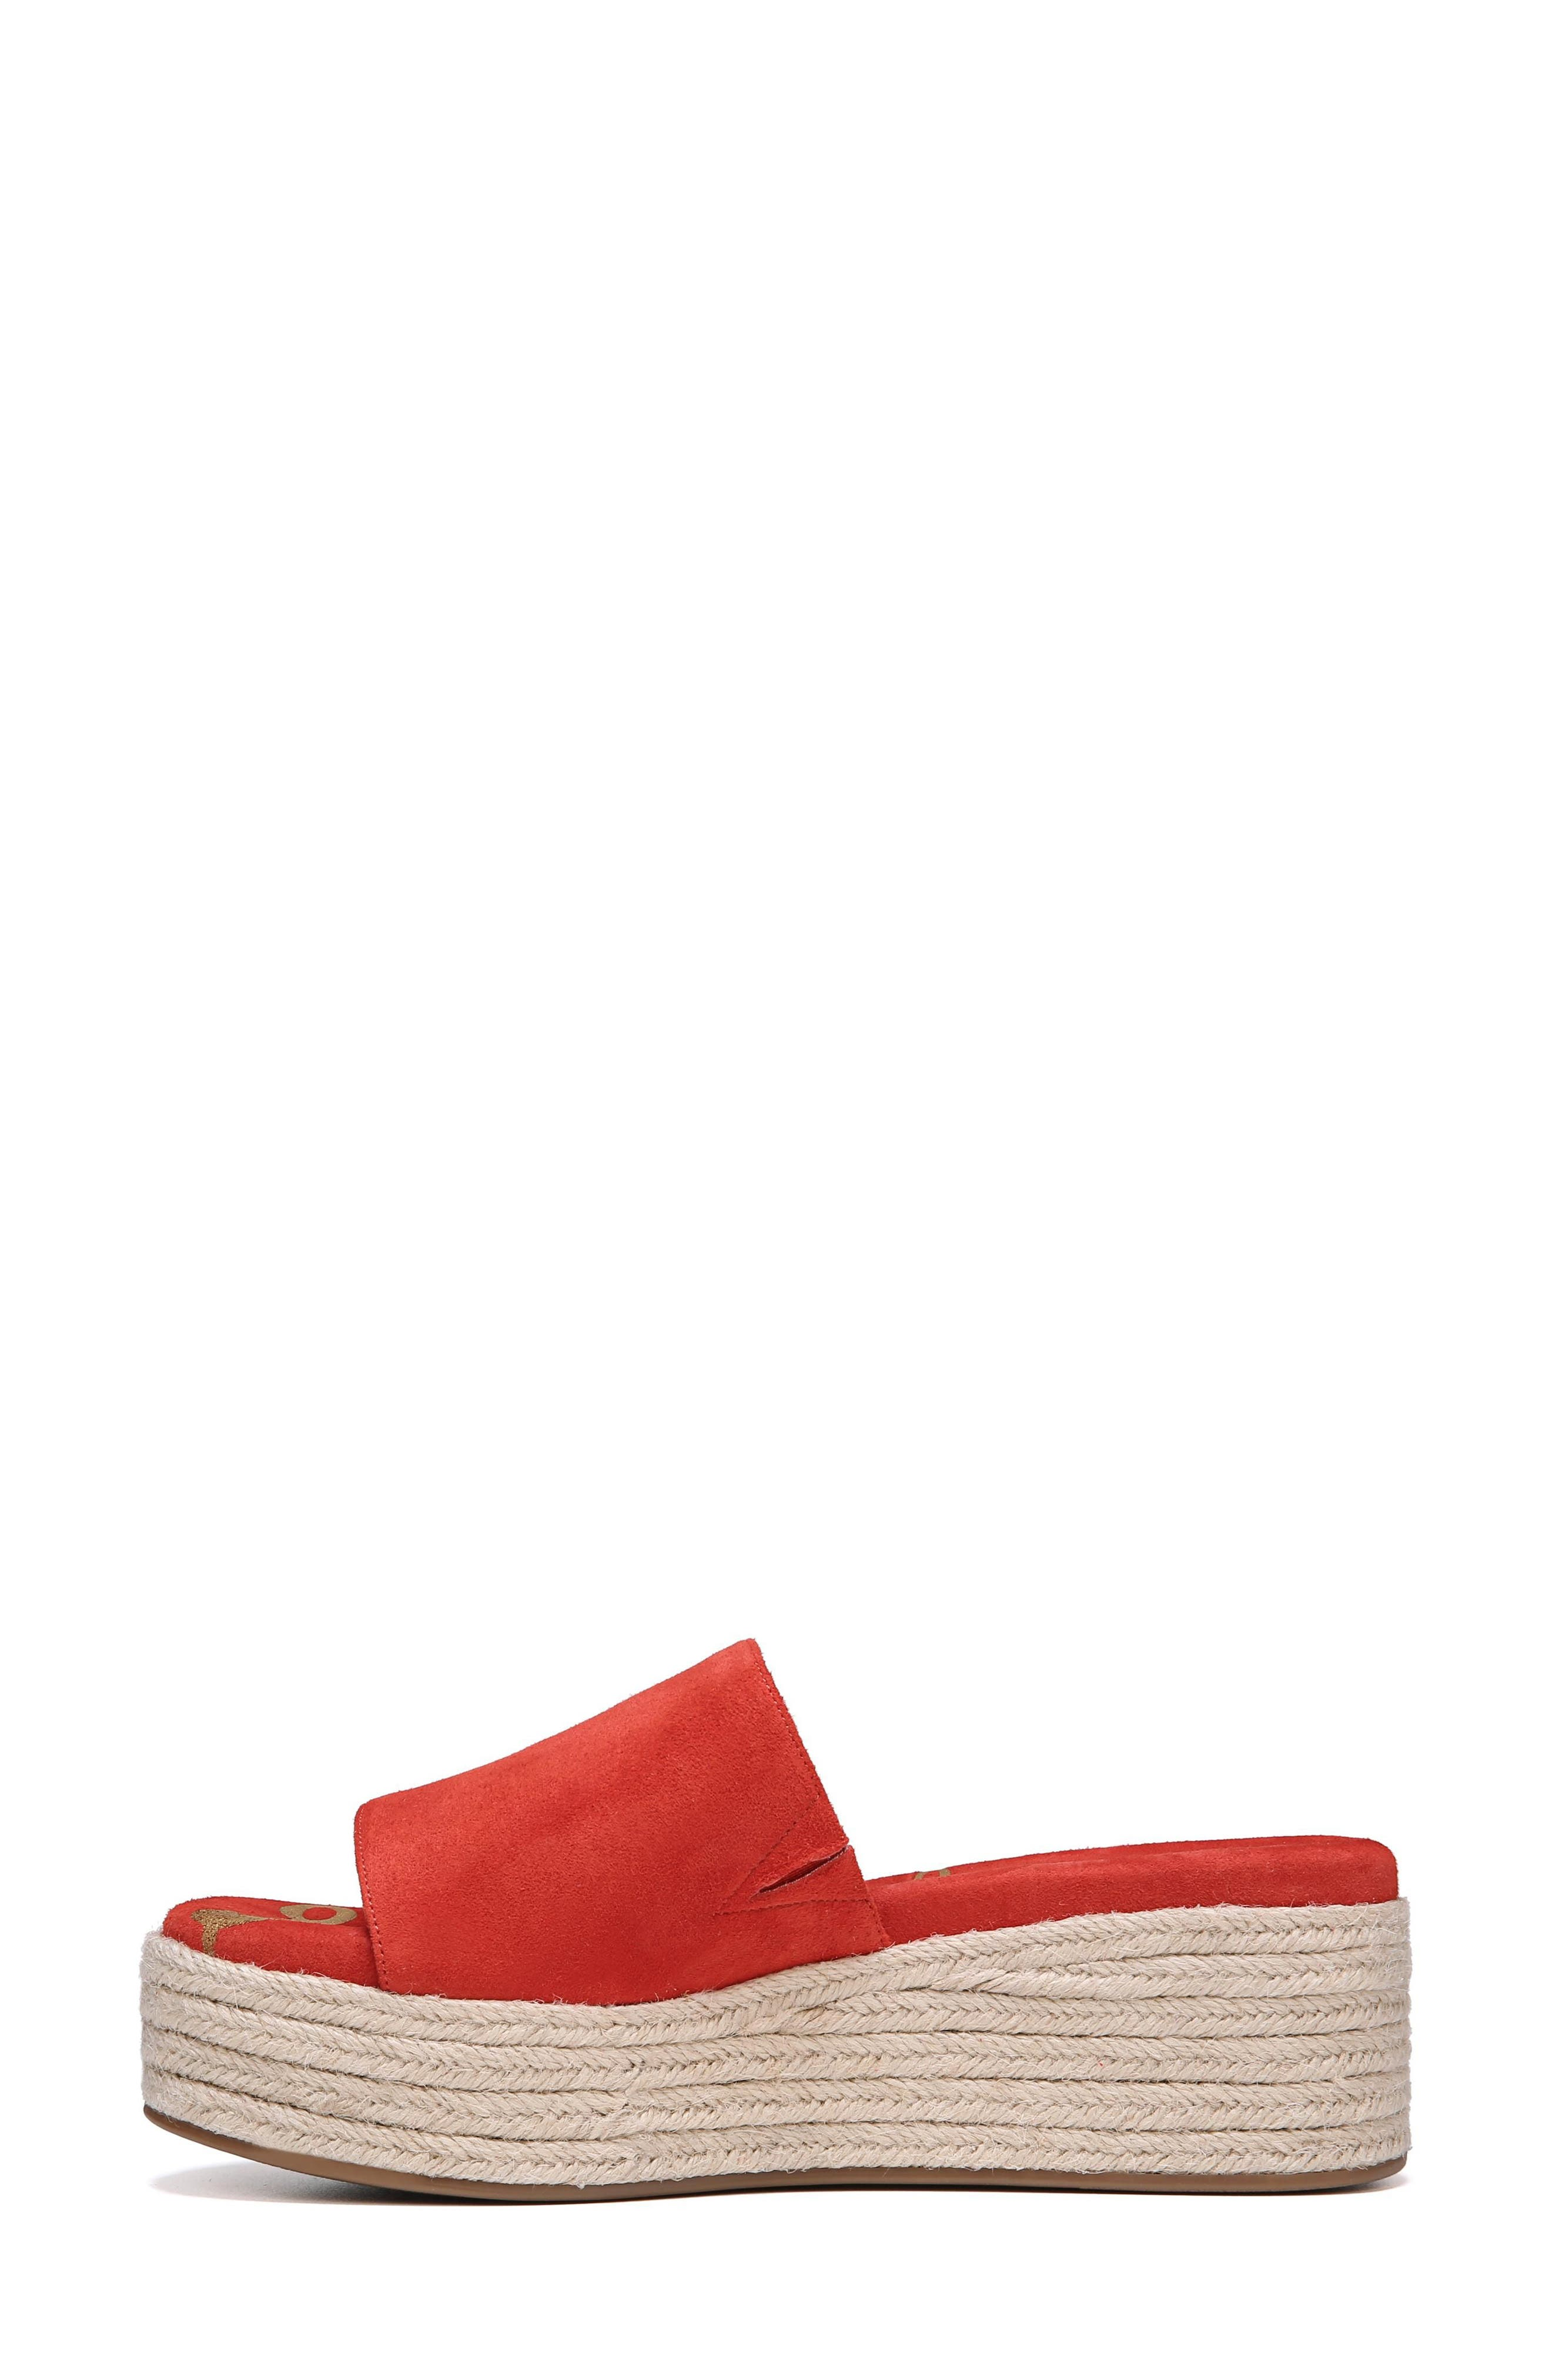 Weslee Platform Slide Sandal,                             Alternate thumbnail 3, color,                             Candy Red Suede